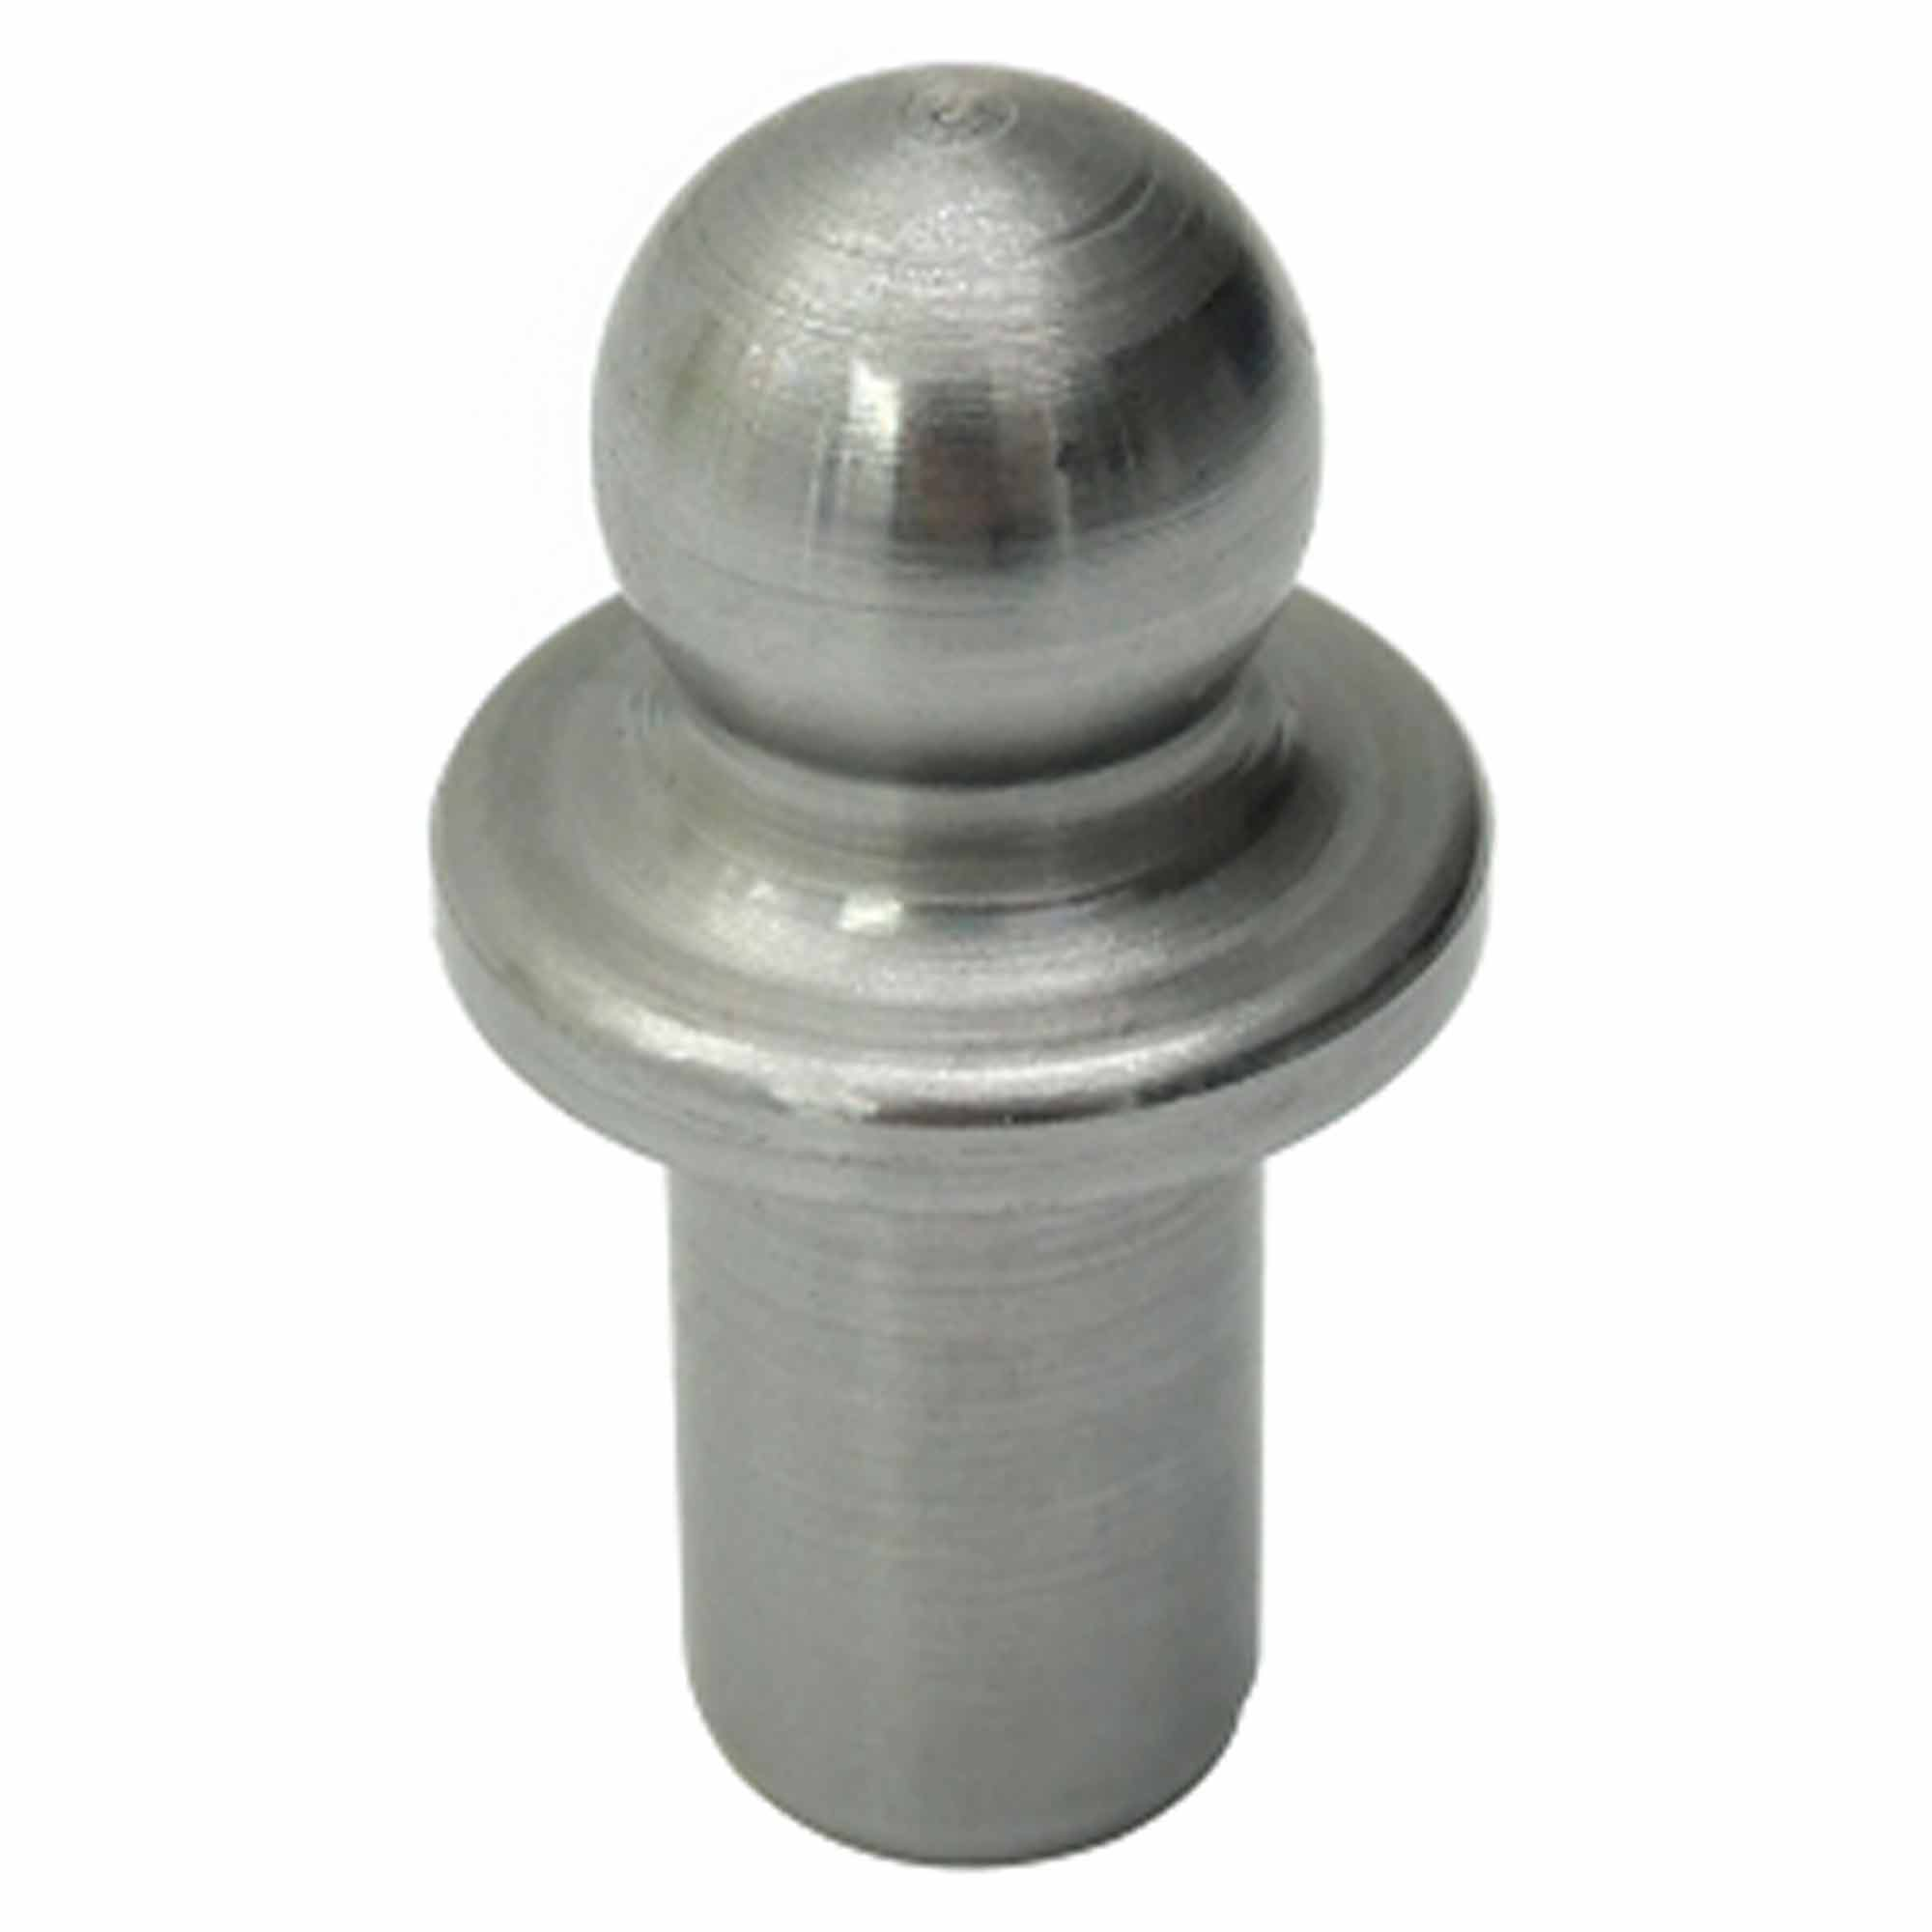 SUK306 - Pino esférico do garfo de acionamento da embreagem